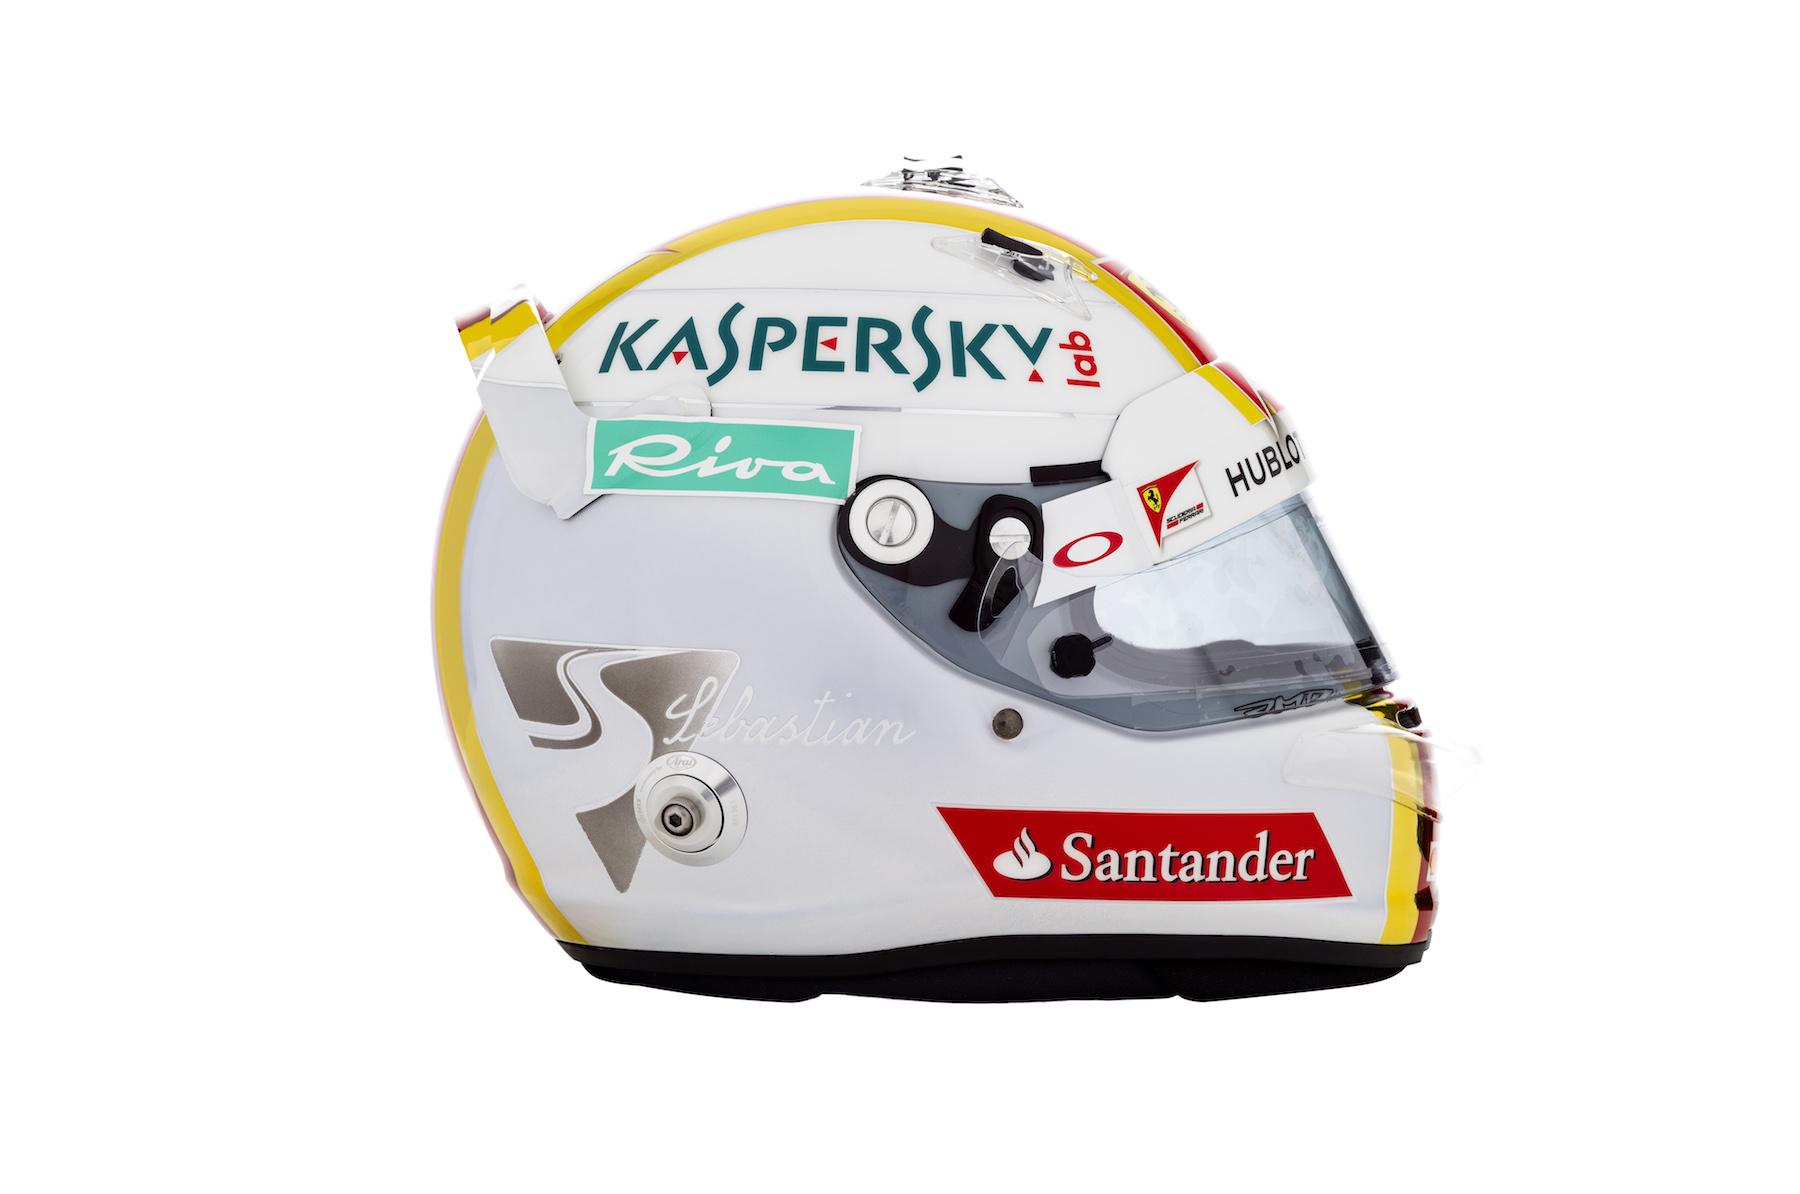 Sebastian Vettel's helmet